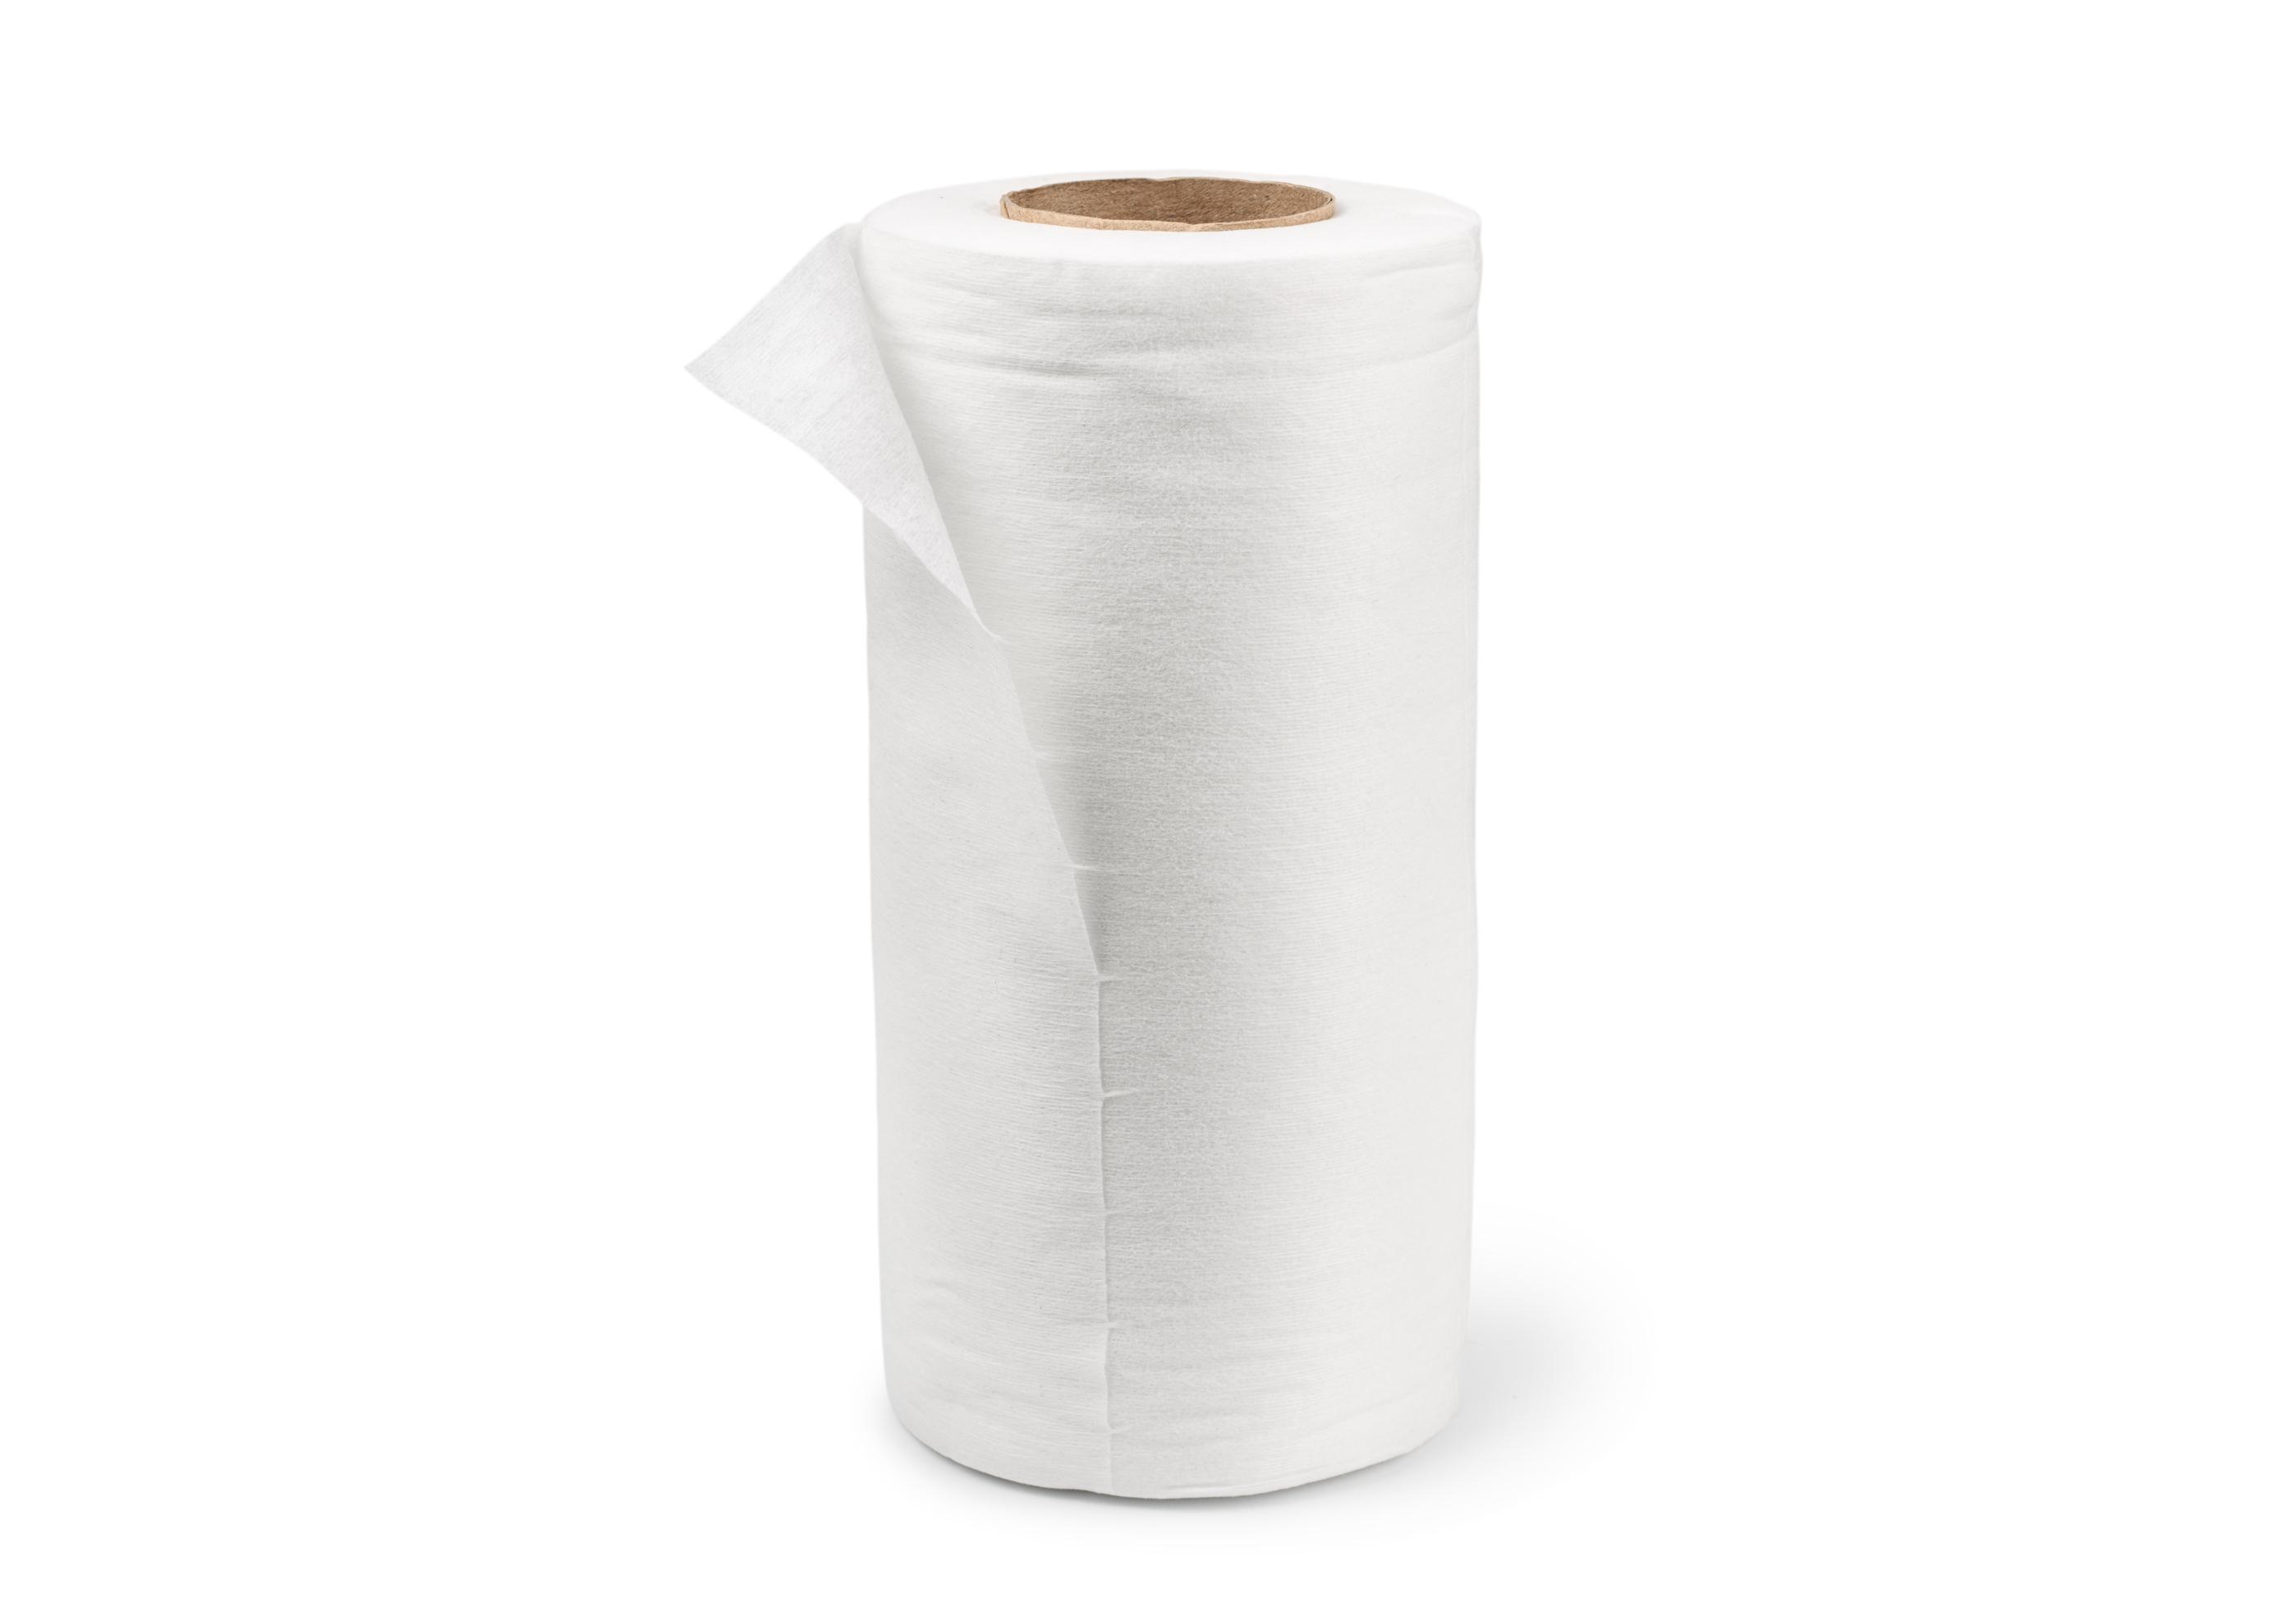 Полотенце Premium 35х70см в рулоне, спанлейс (вискоза+полиэфир), 50г/м2, белое, 100шт/рул